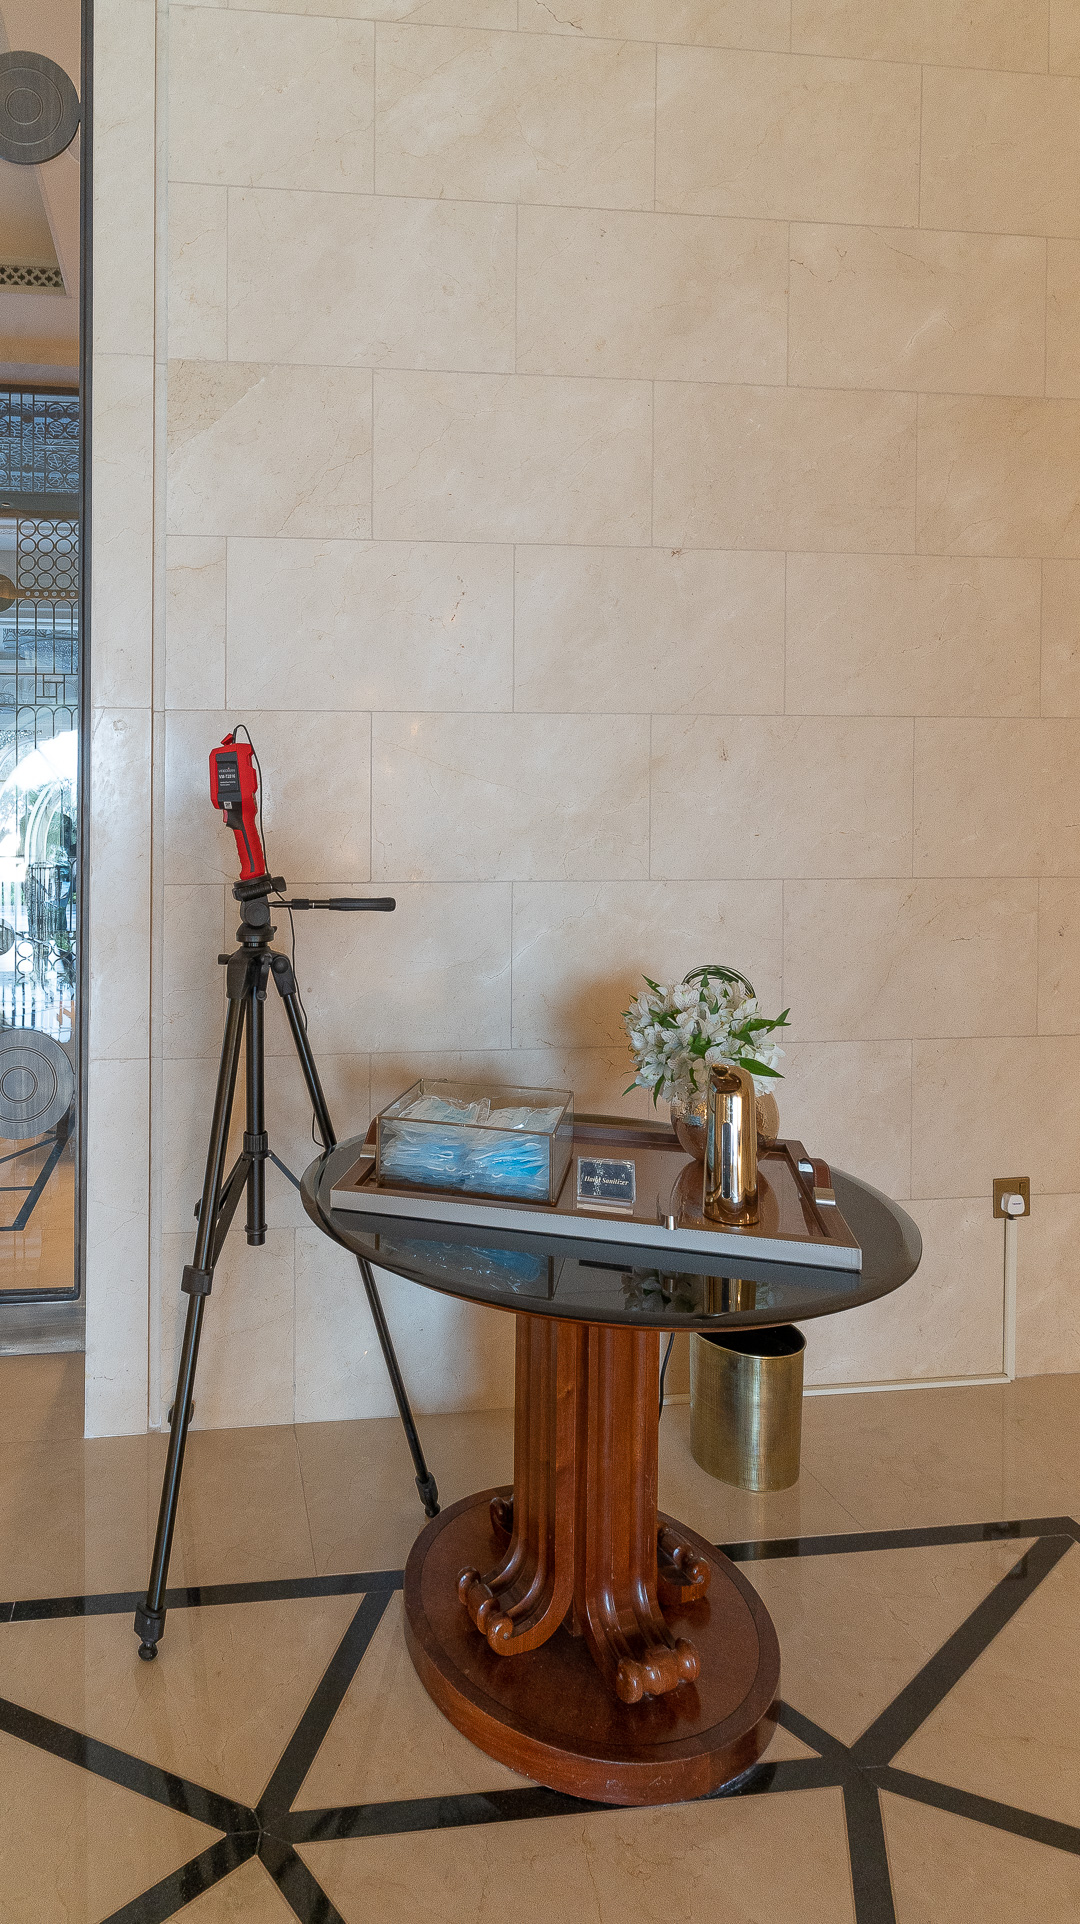 FS Jumeirah 2 - REVIEW - Four Seasons Dubai at Jumeirah Beach : Deluxe City-View Room [COVID-era]